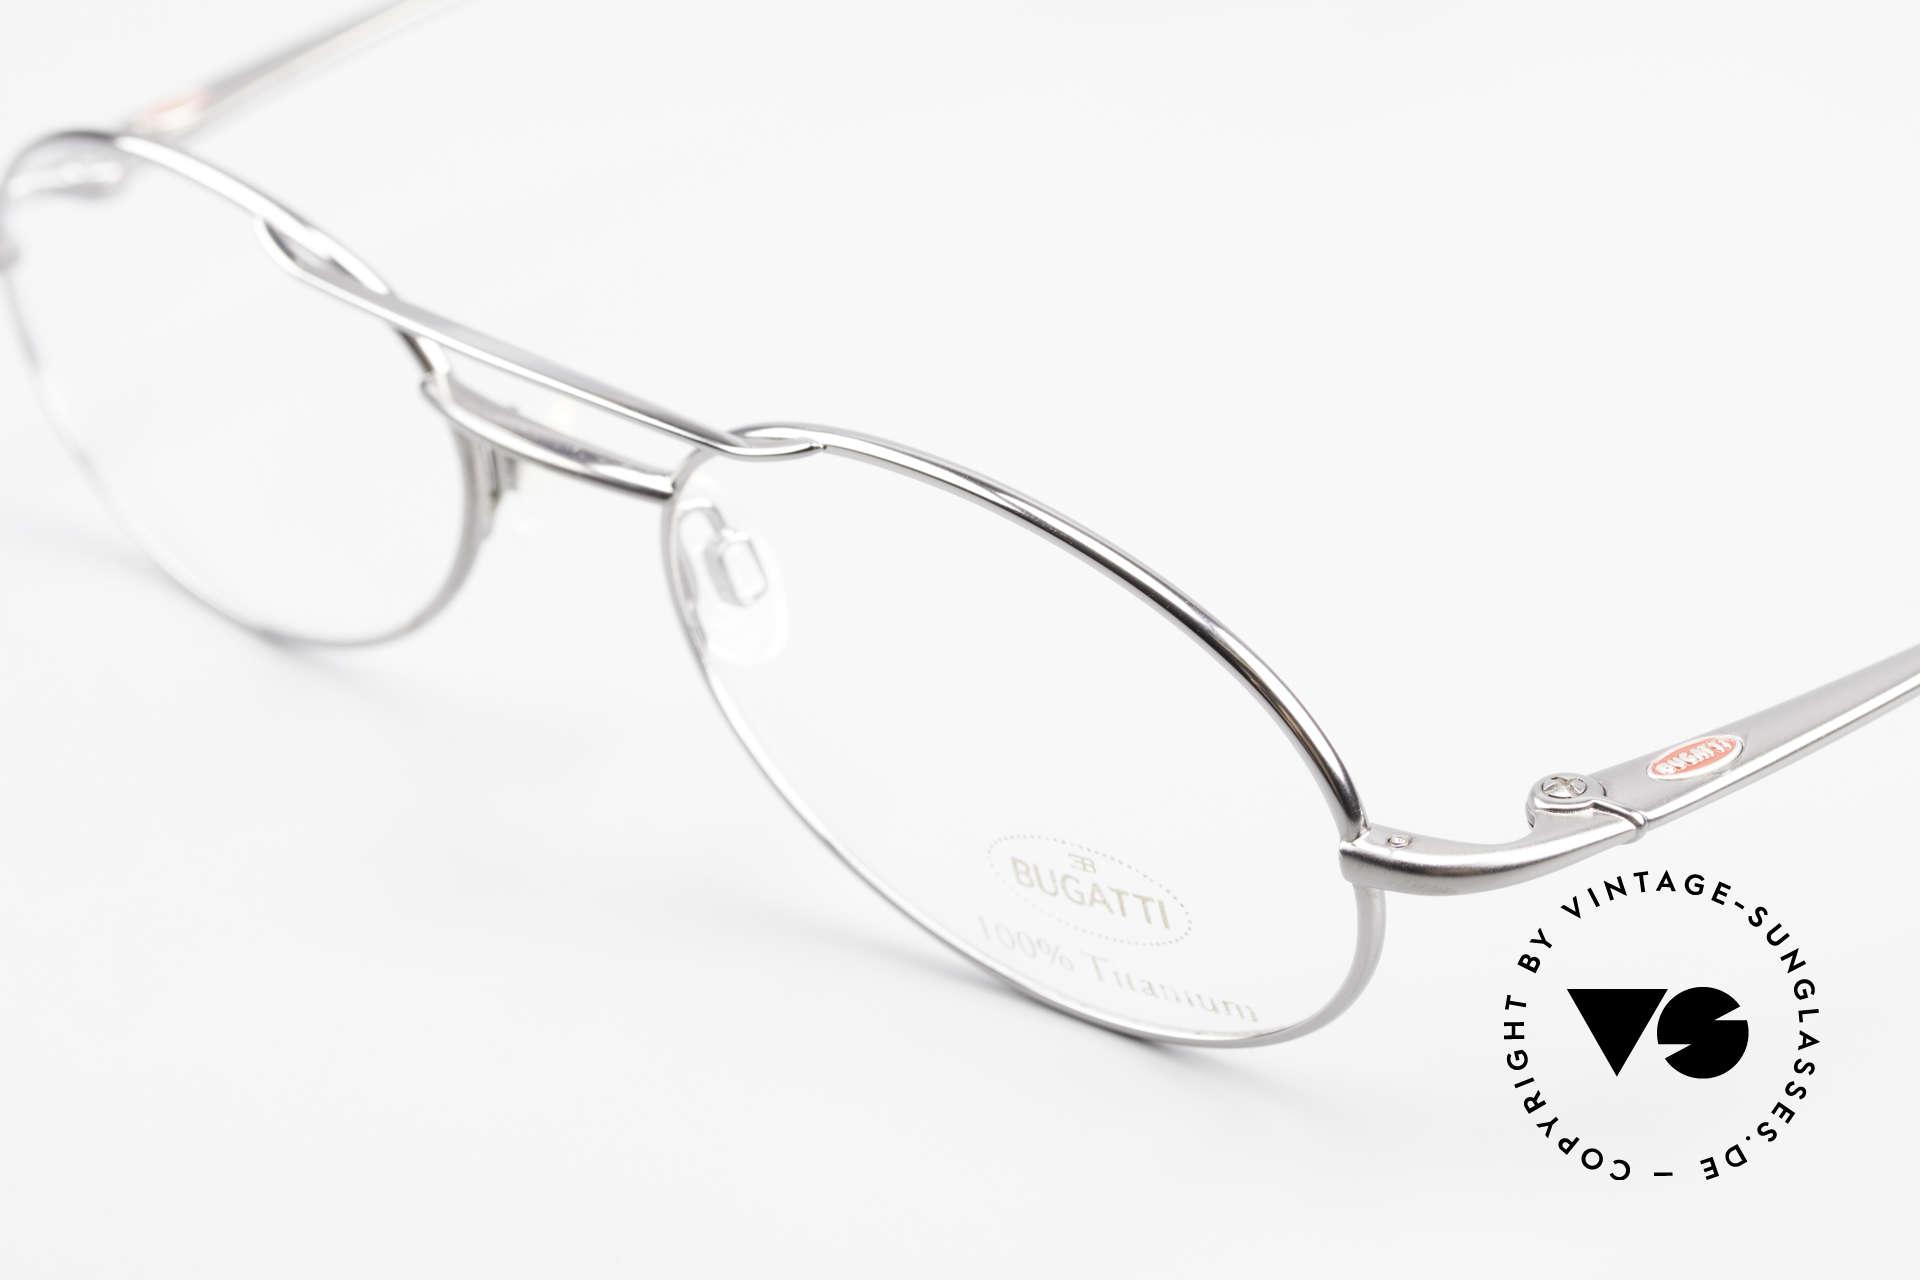 Bugatti 18861 Titanium Herren Brillenfassung, mehr geht nicht! purer Luxus! Muss man(n) fühlen!, Passend für Herren